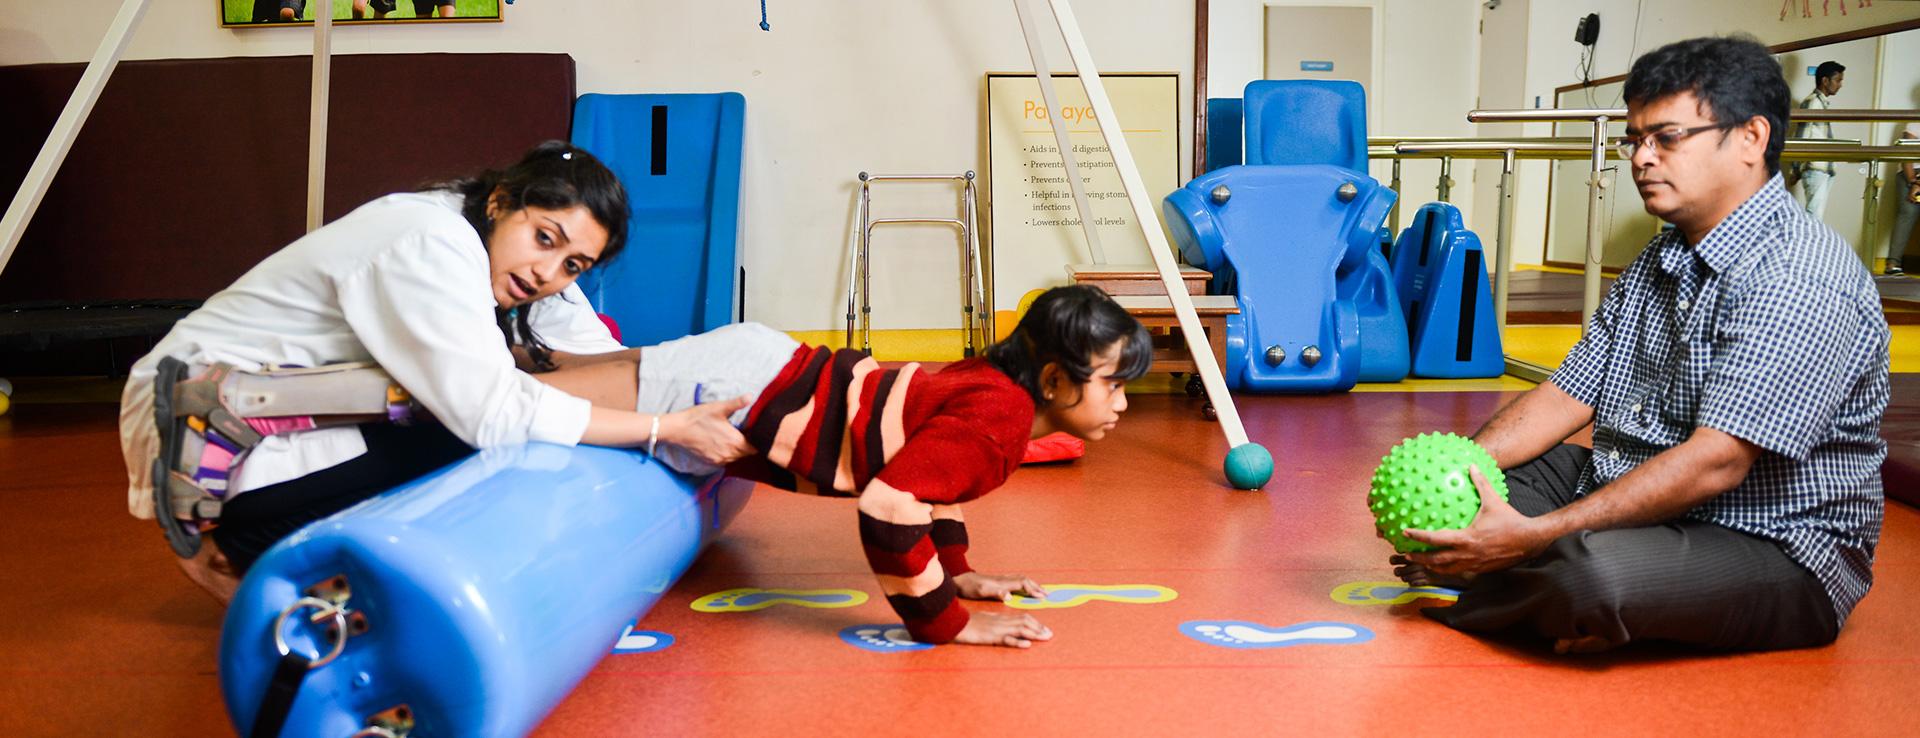 child-development-treatment